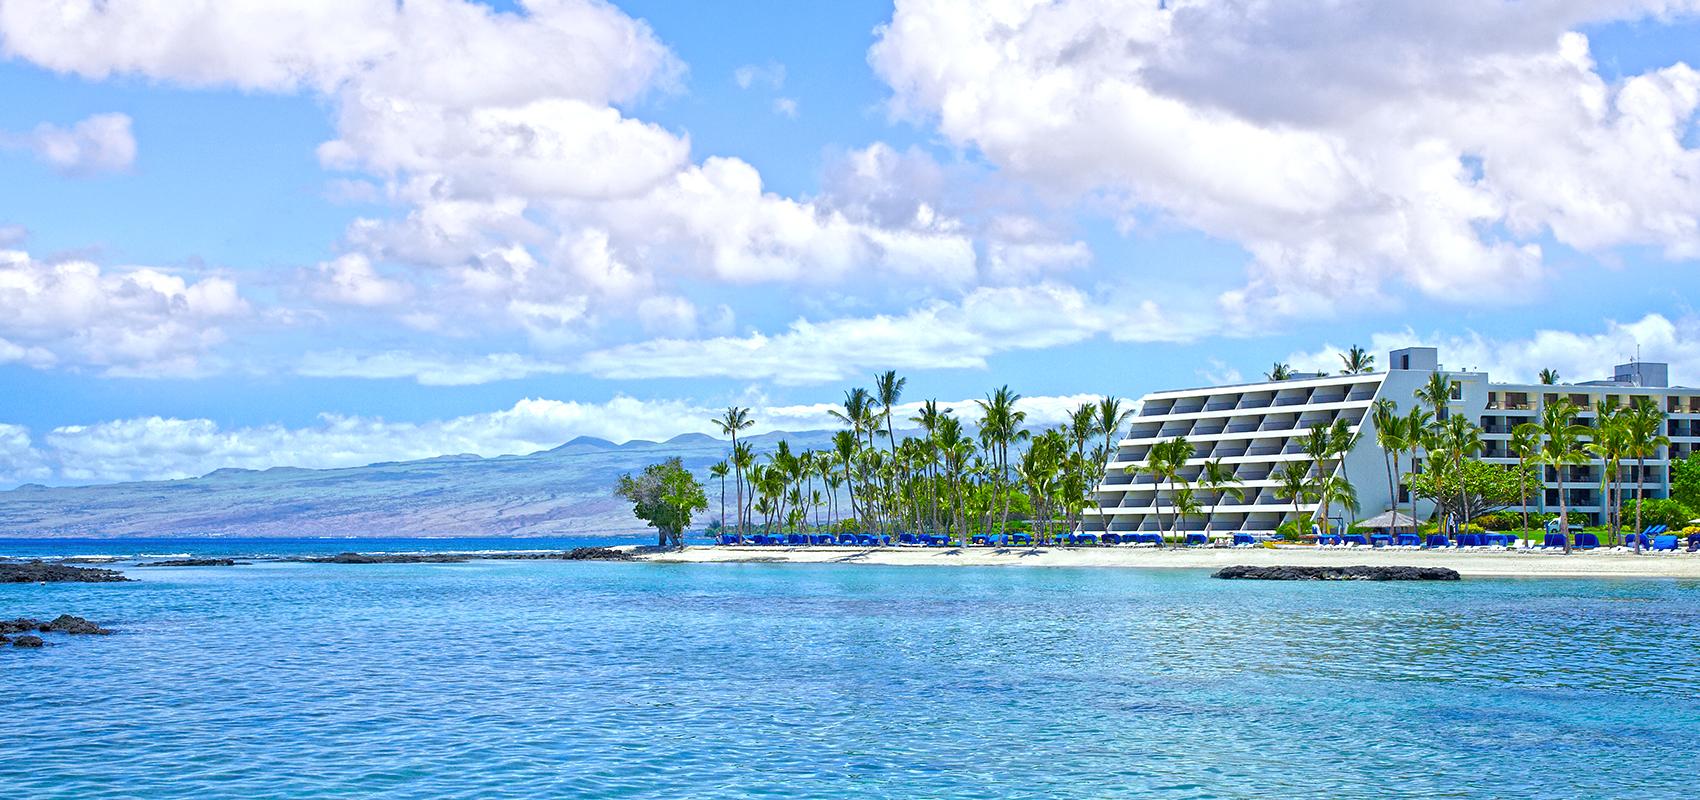 ハワイ ハワイ島ホテル bay0